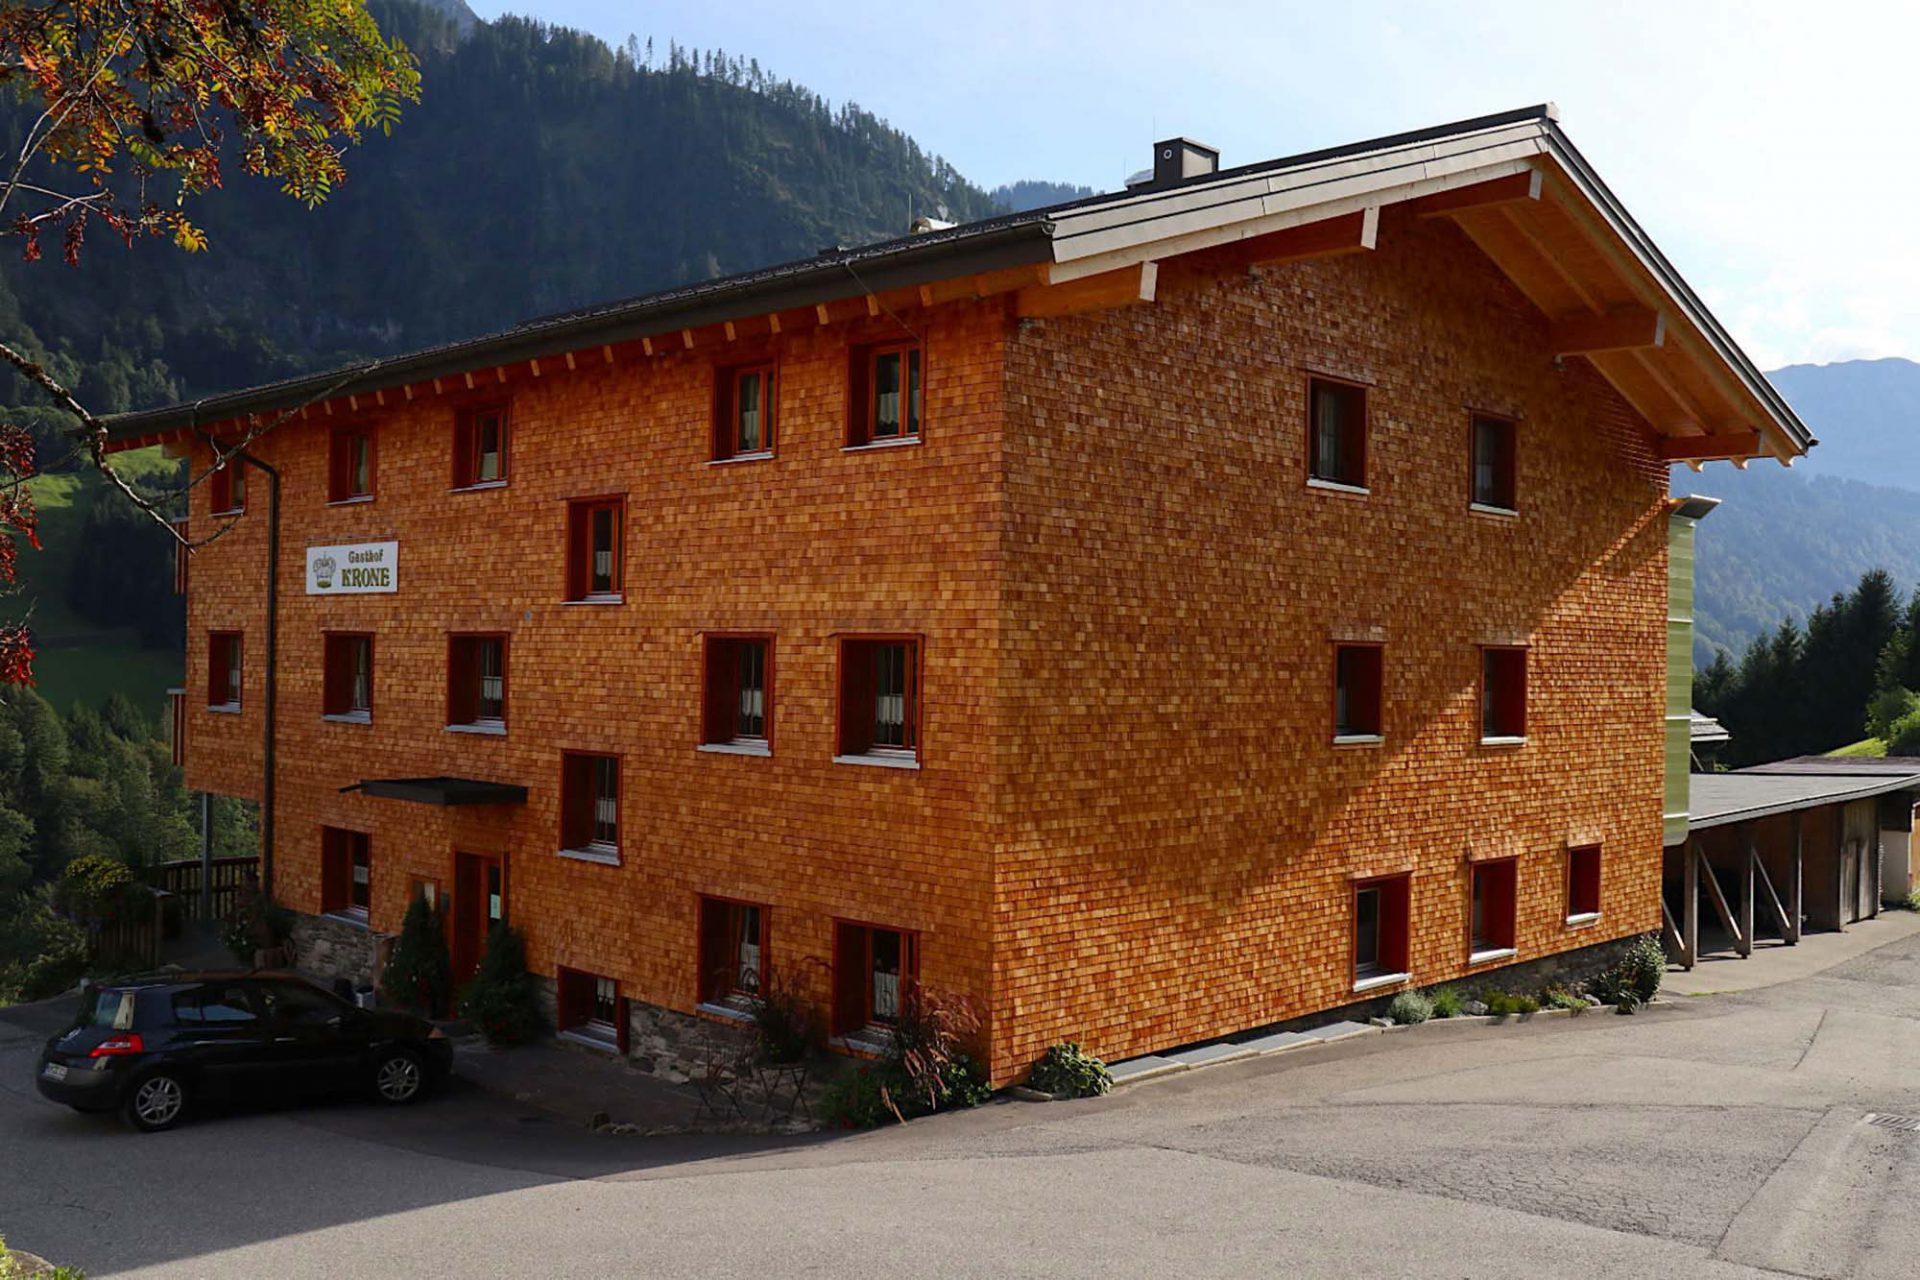 Gasthof Krone. Die traditionelle Fassadenbekleidung wird auch heute noch sehr häufig angewandt, wie bei der Renovierung und Aufstockung des benachbarten Gasthofs der Familie Kathan.